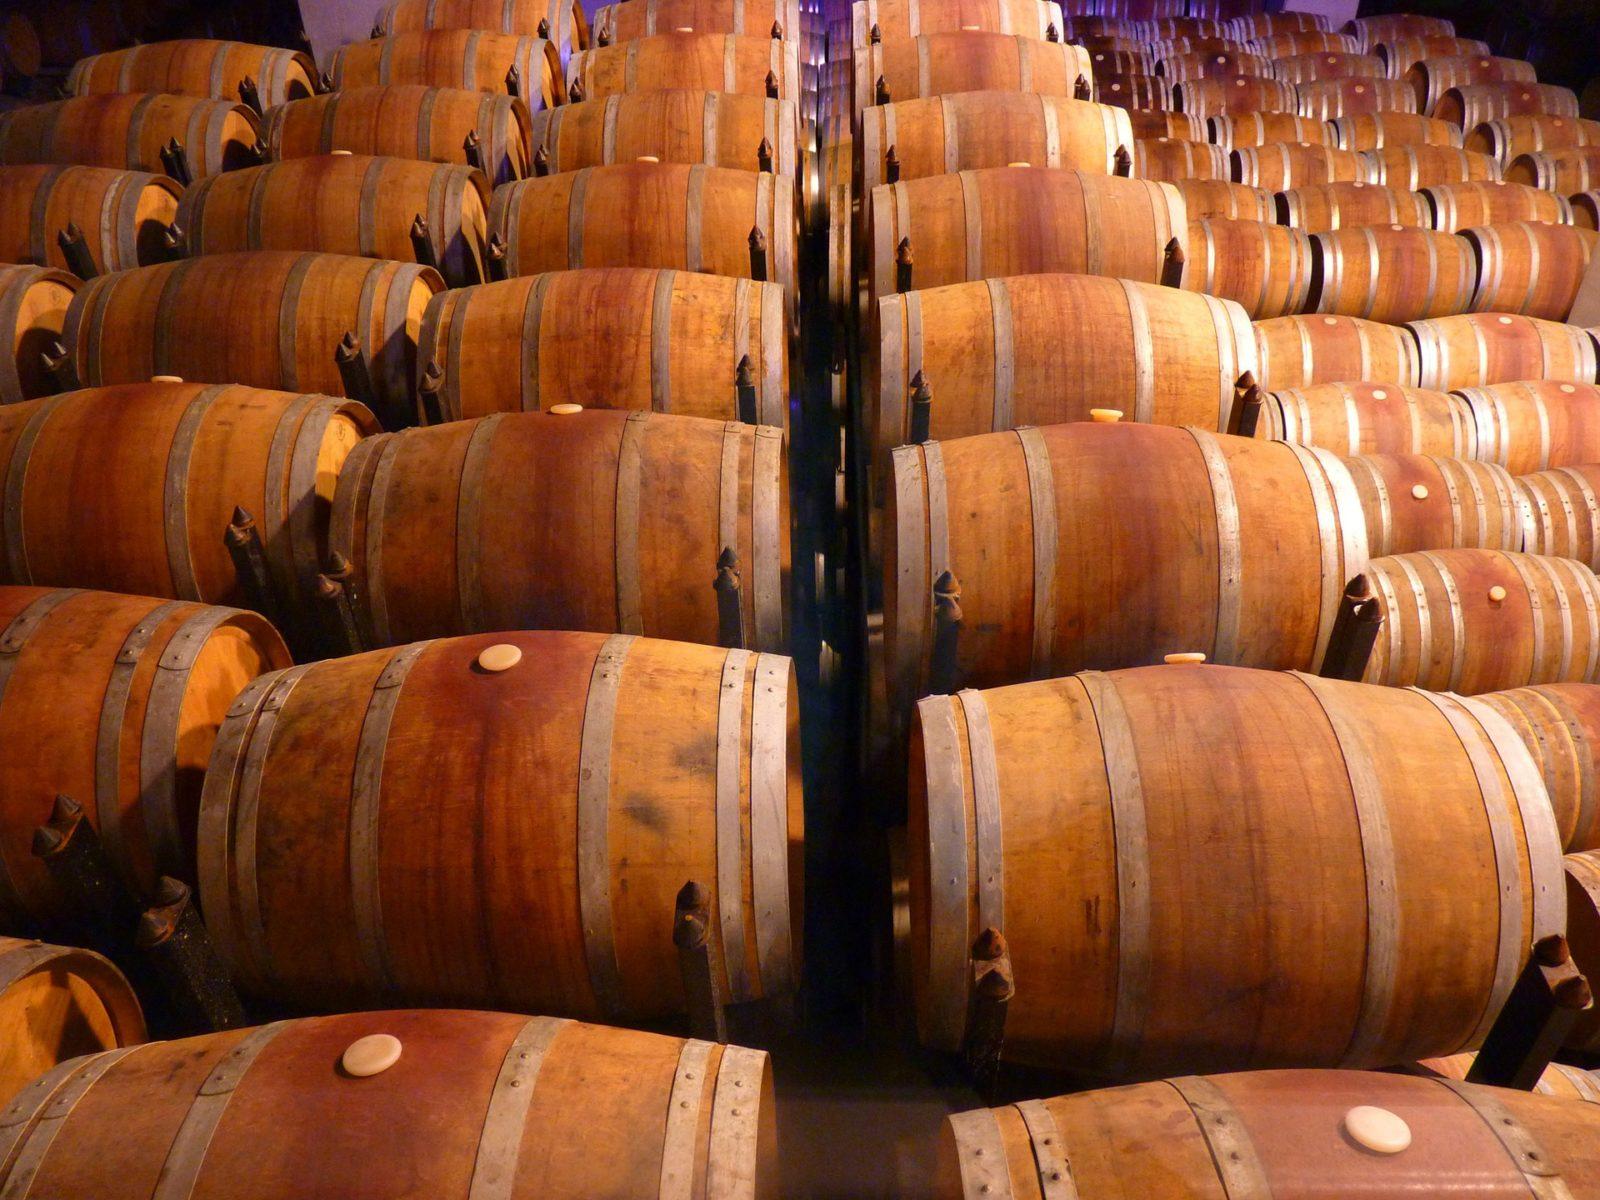 barrel-5269_1920